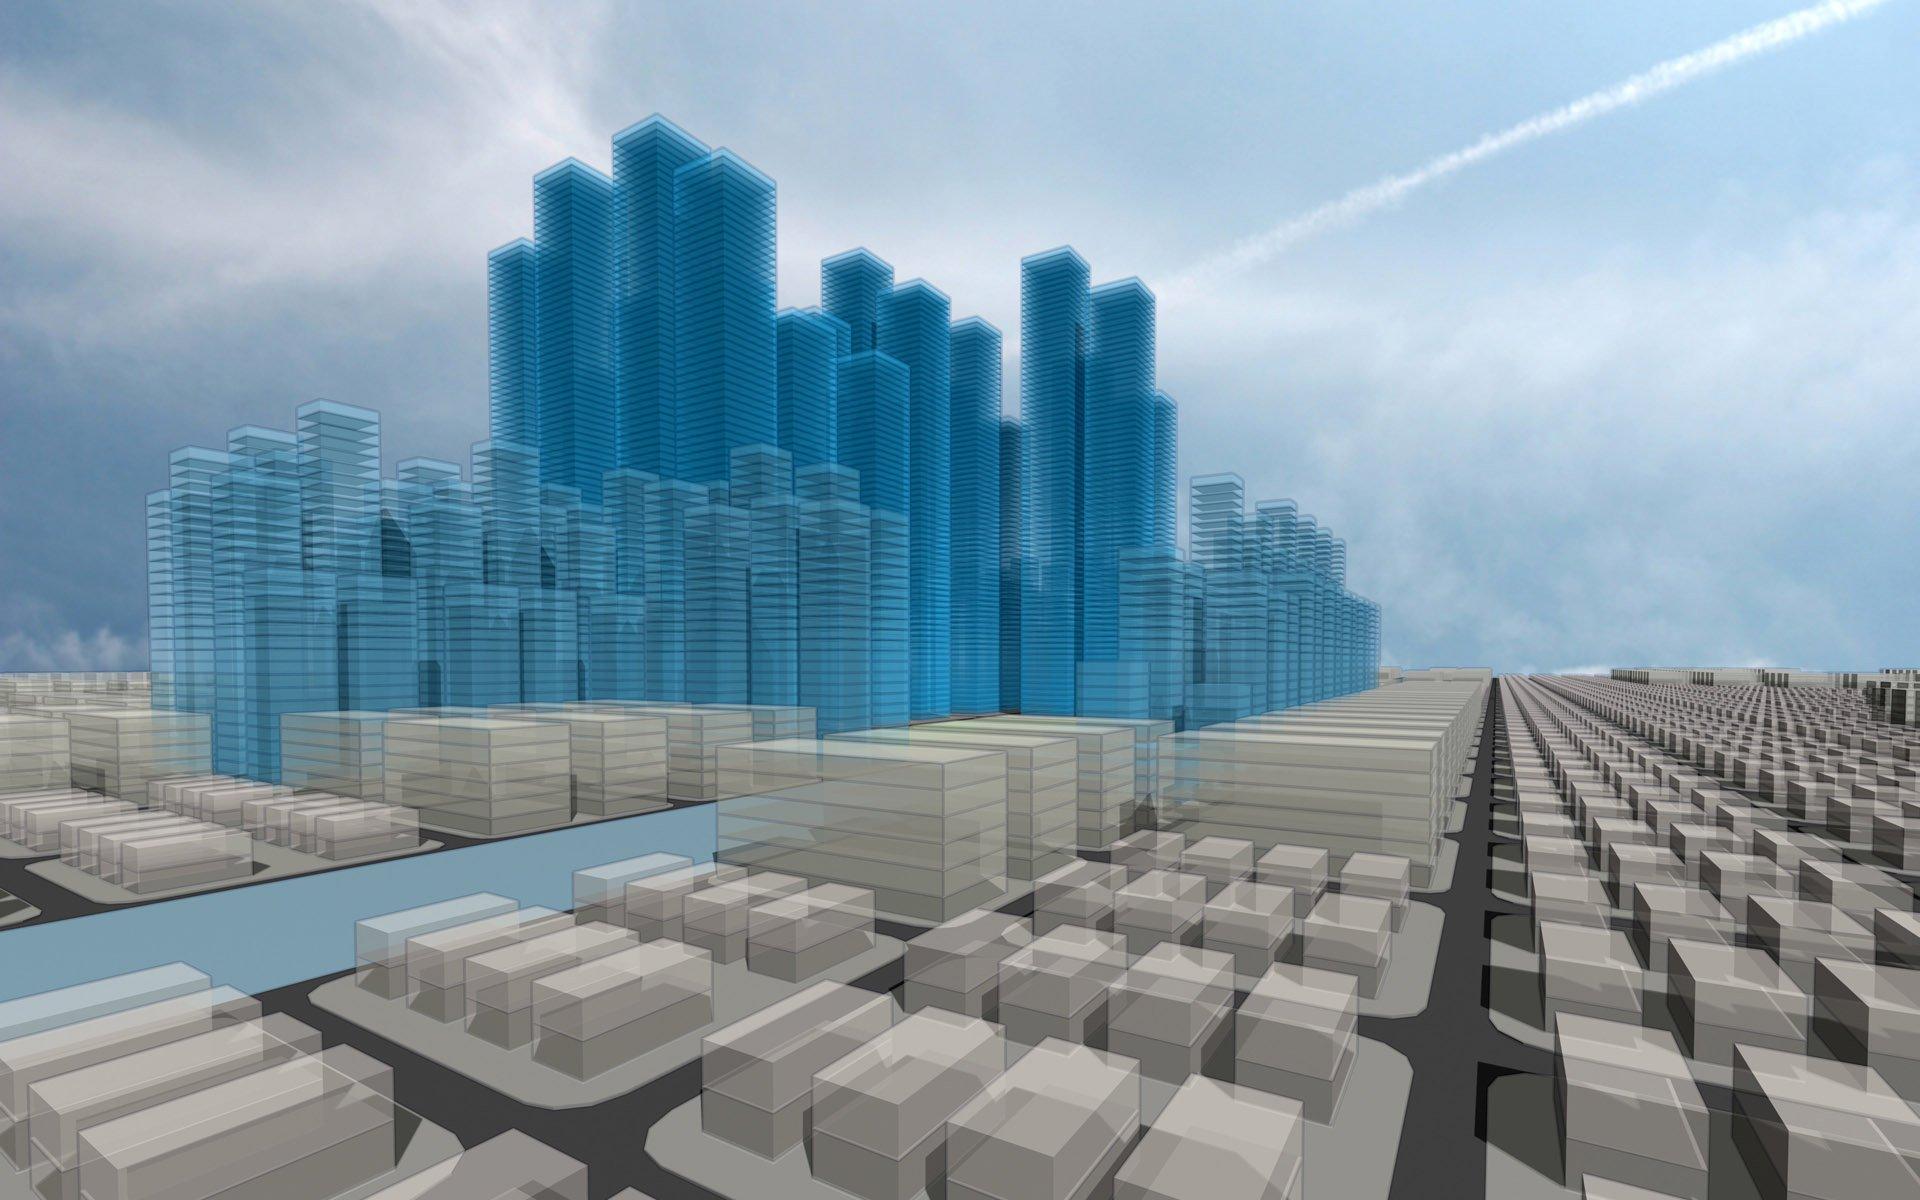 Arquitectura Fondo de pantalla HD | Fondo de Escritorio ...